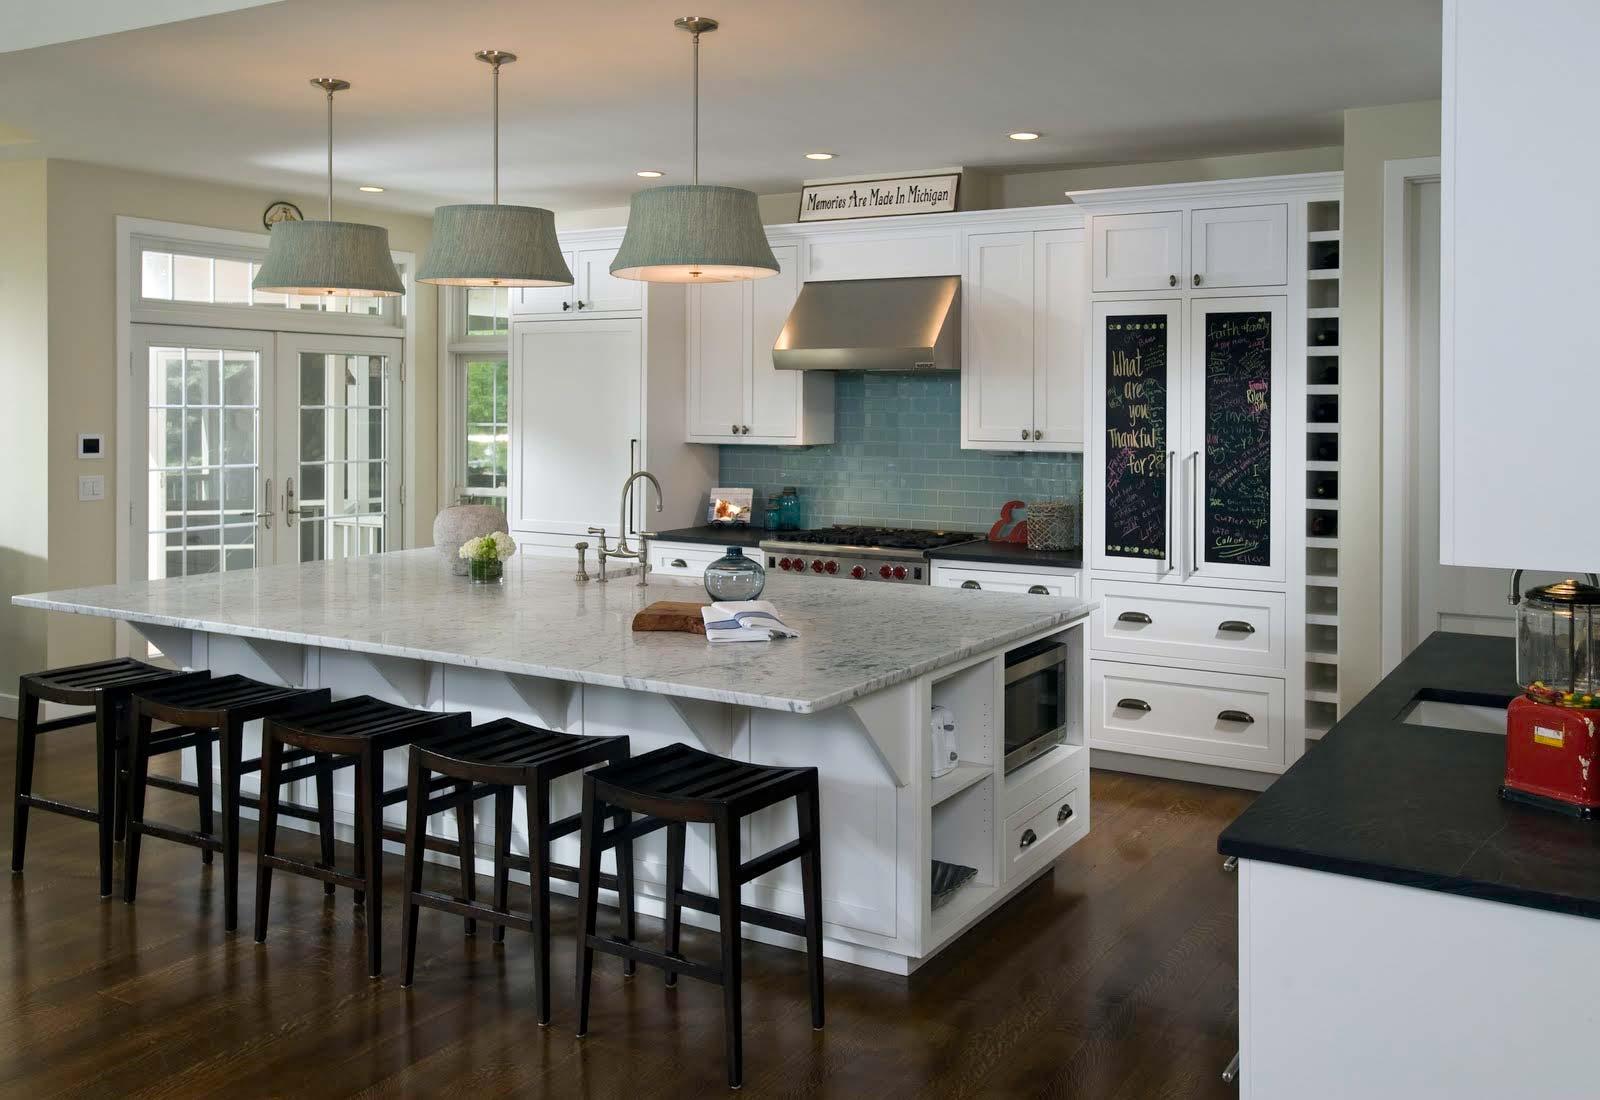 independent kitchen designer - wallpaper side blog